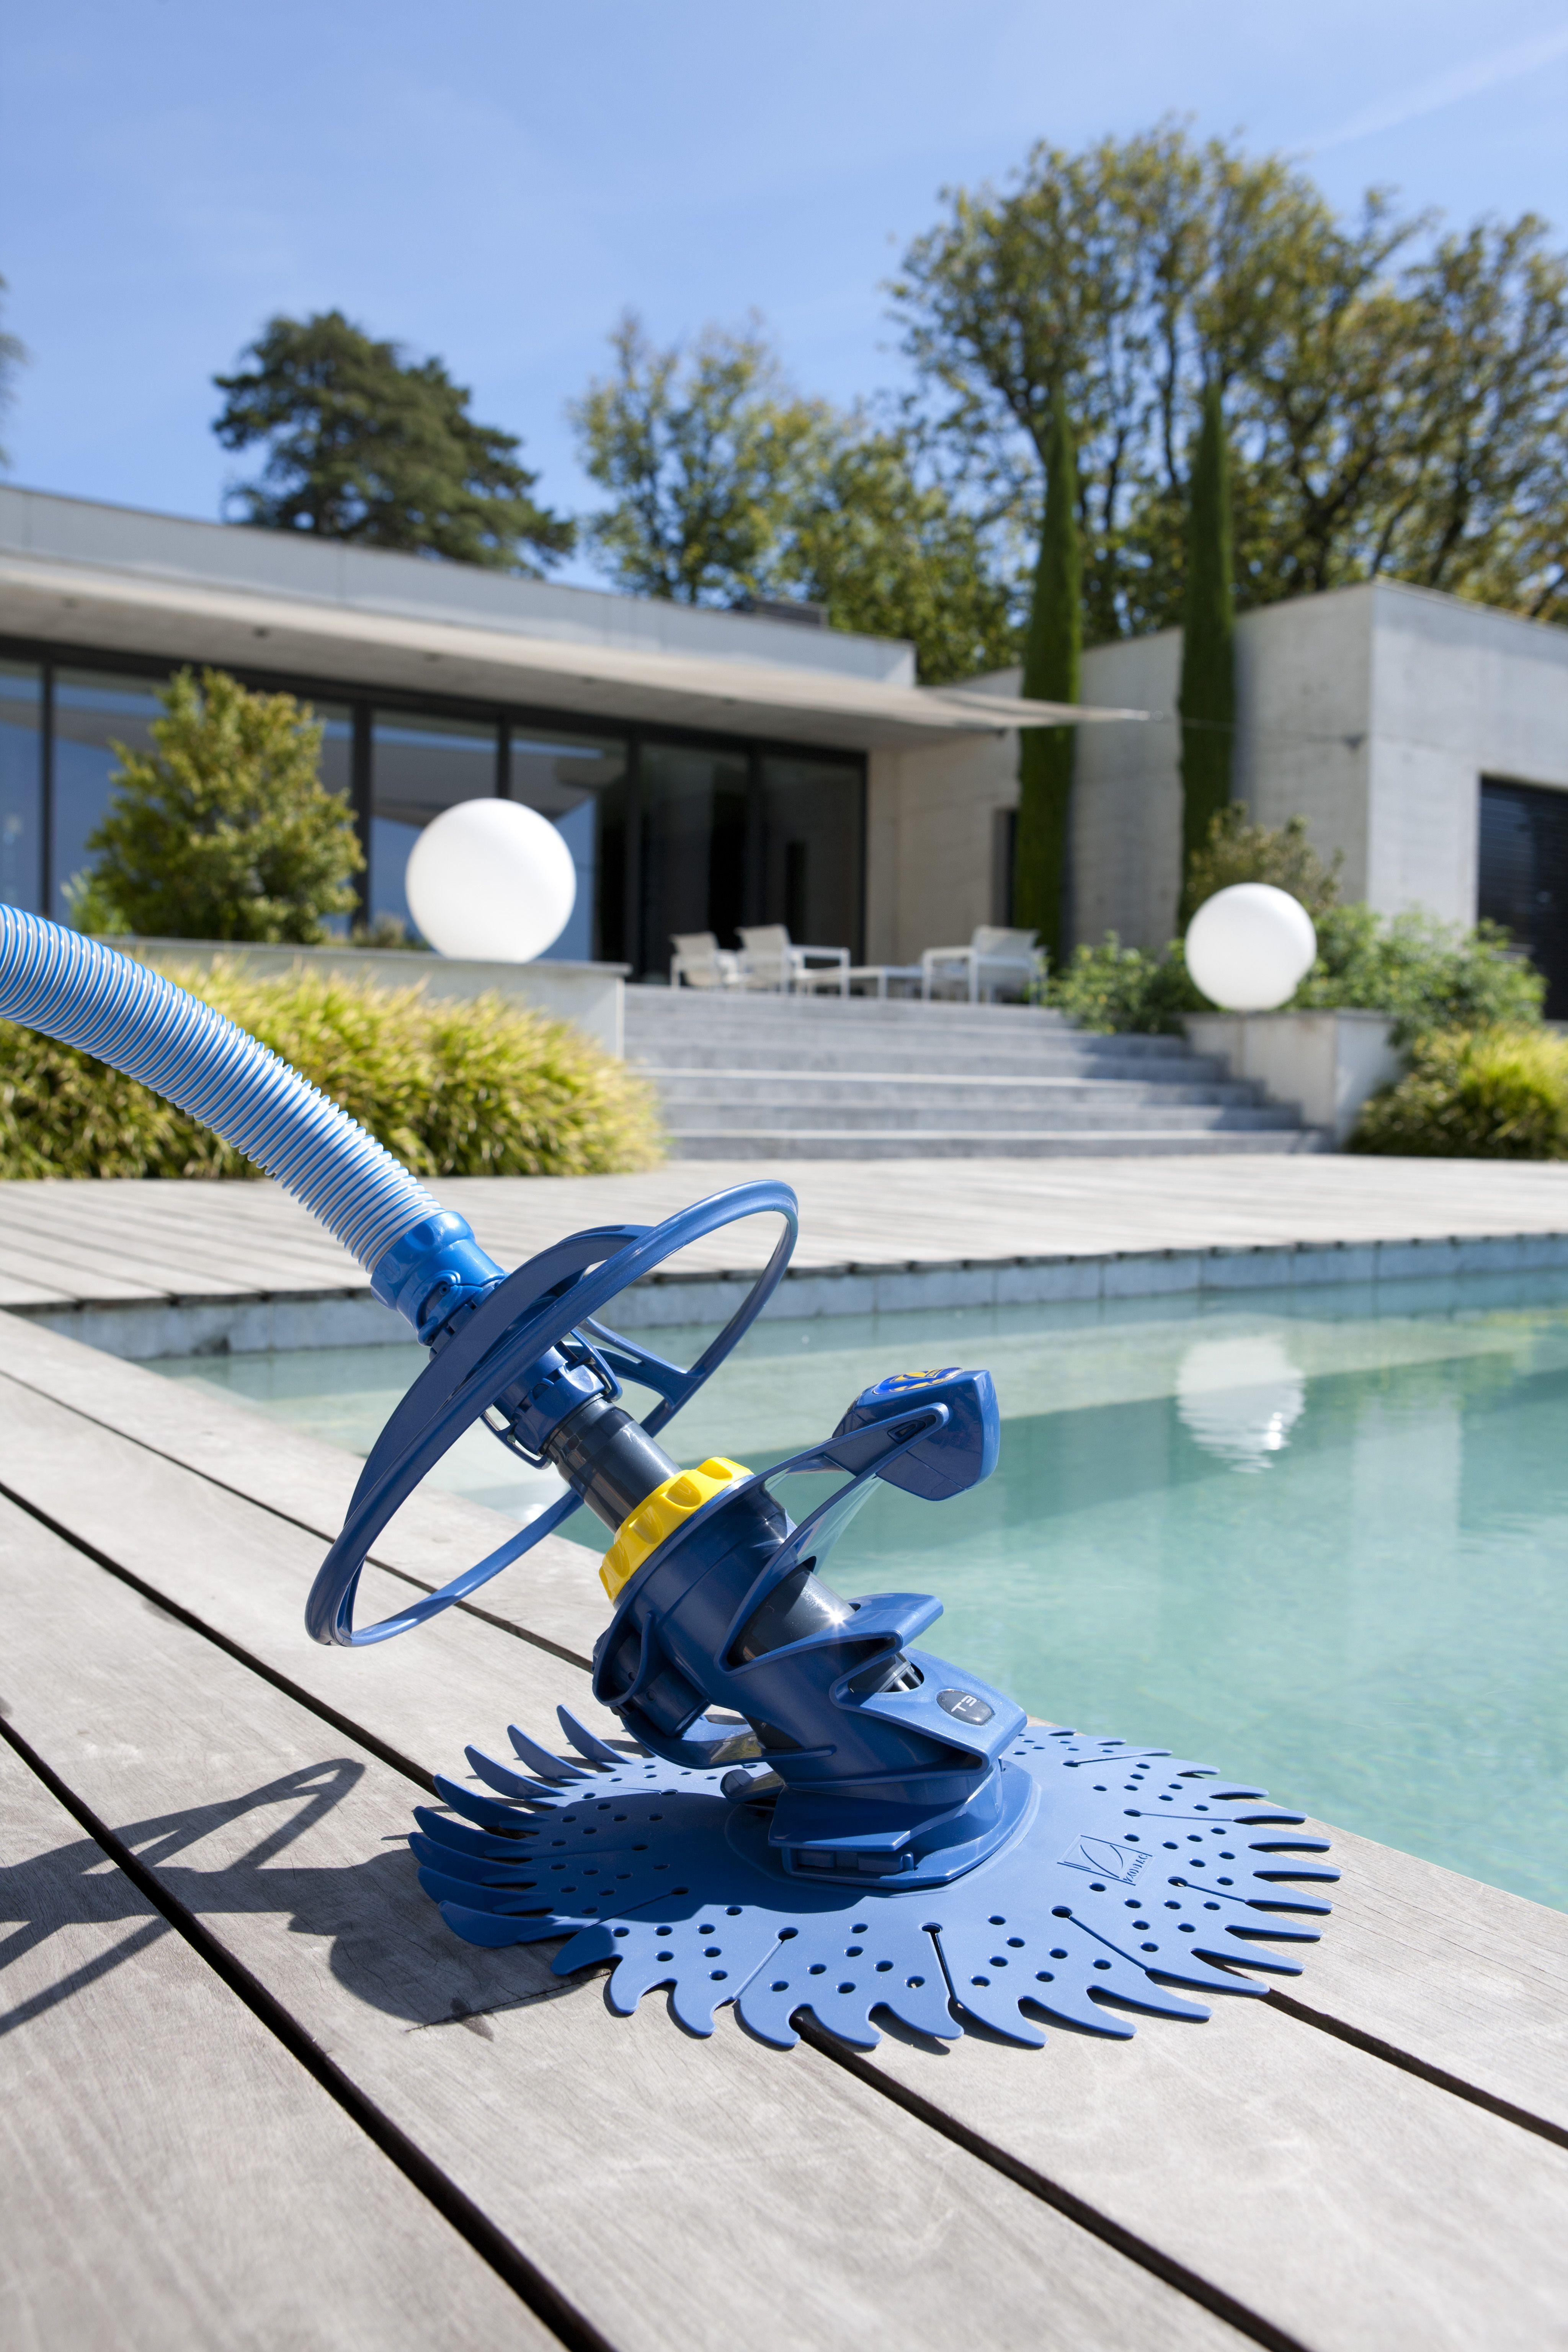 T3 el limpiafondos hidr ulico ideal para piscinas for Limpiafondos para piscinas pequenas